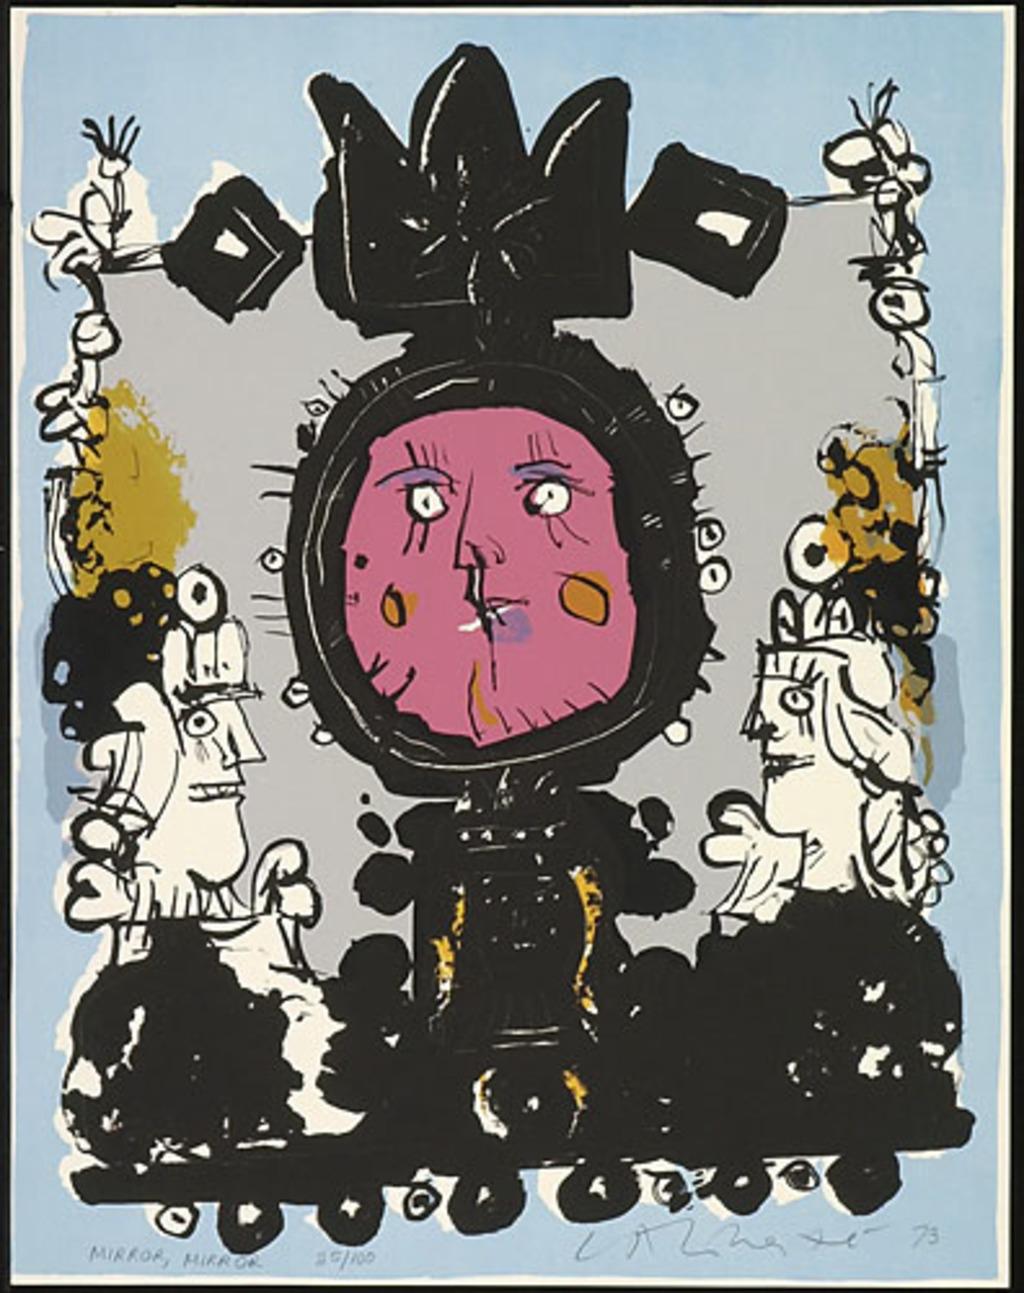 Mirror, Mirror, du livre d'artiste «Demi-douzaine Les Aventures de Jumping Jack ou toujours un peu plus à gauche mais rapidement»